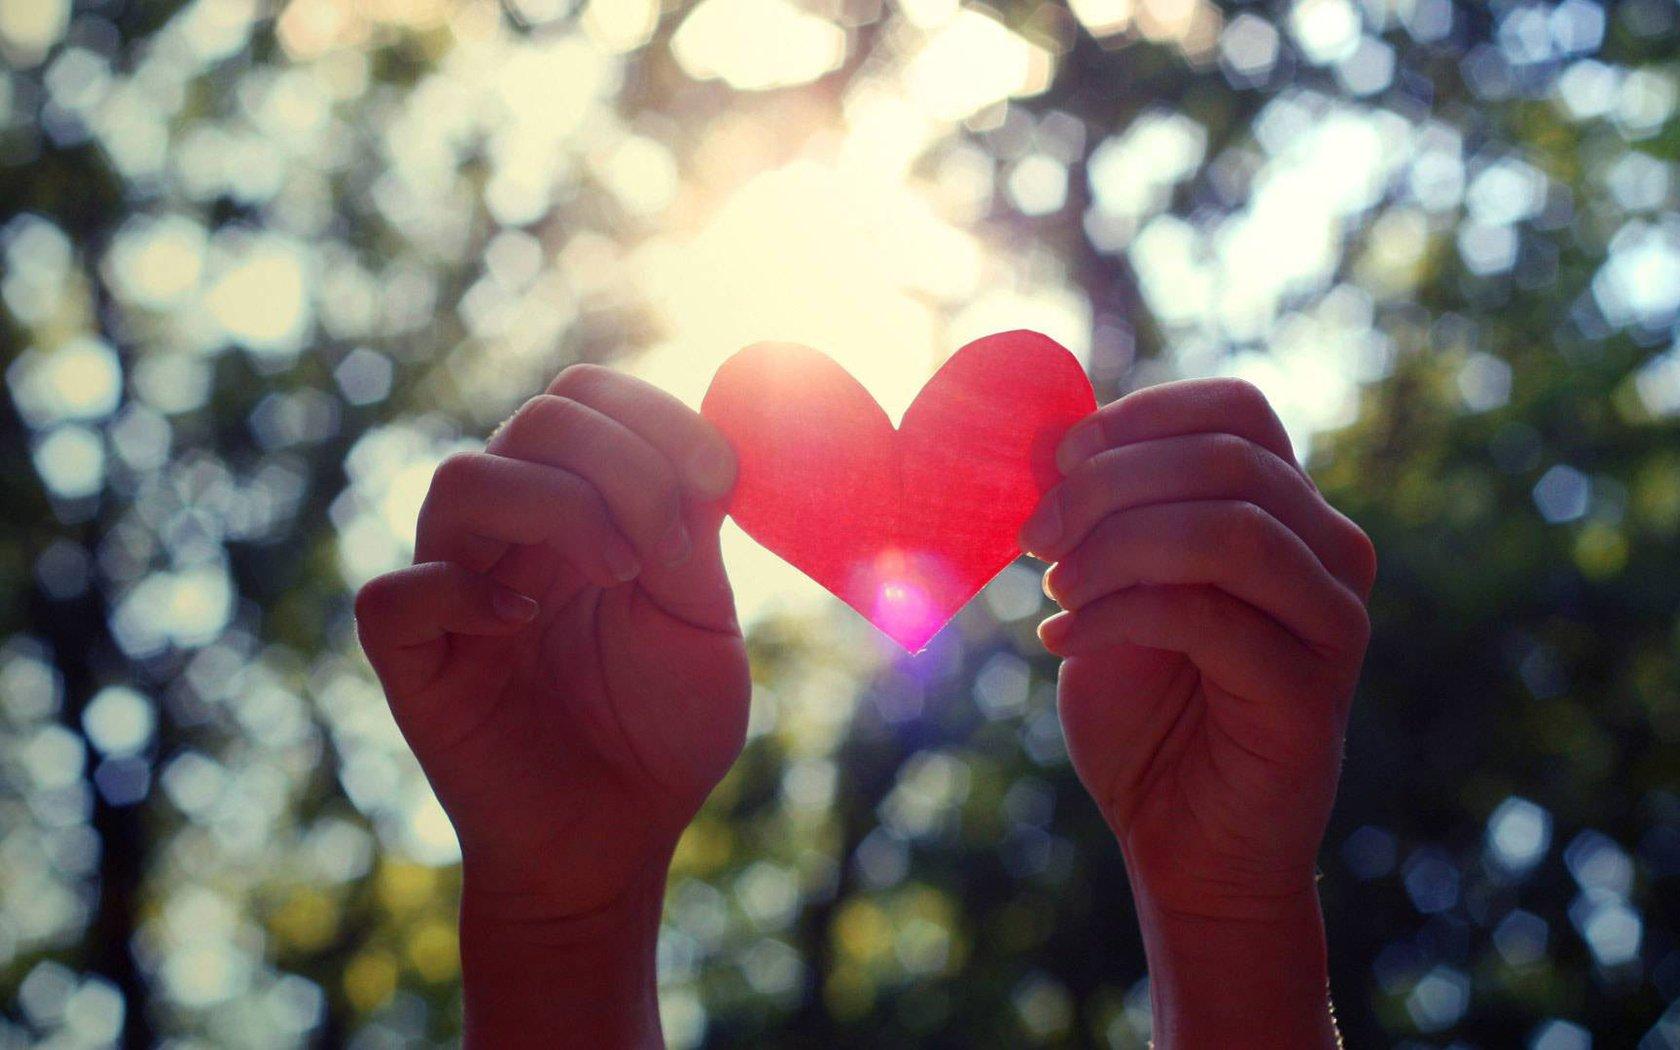 картинки с сердцами друг друга парижской